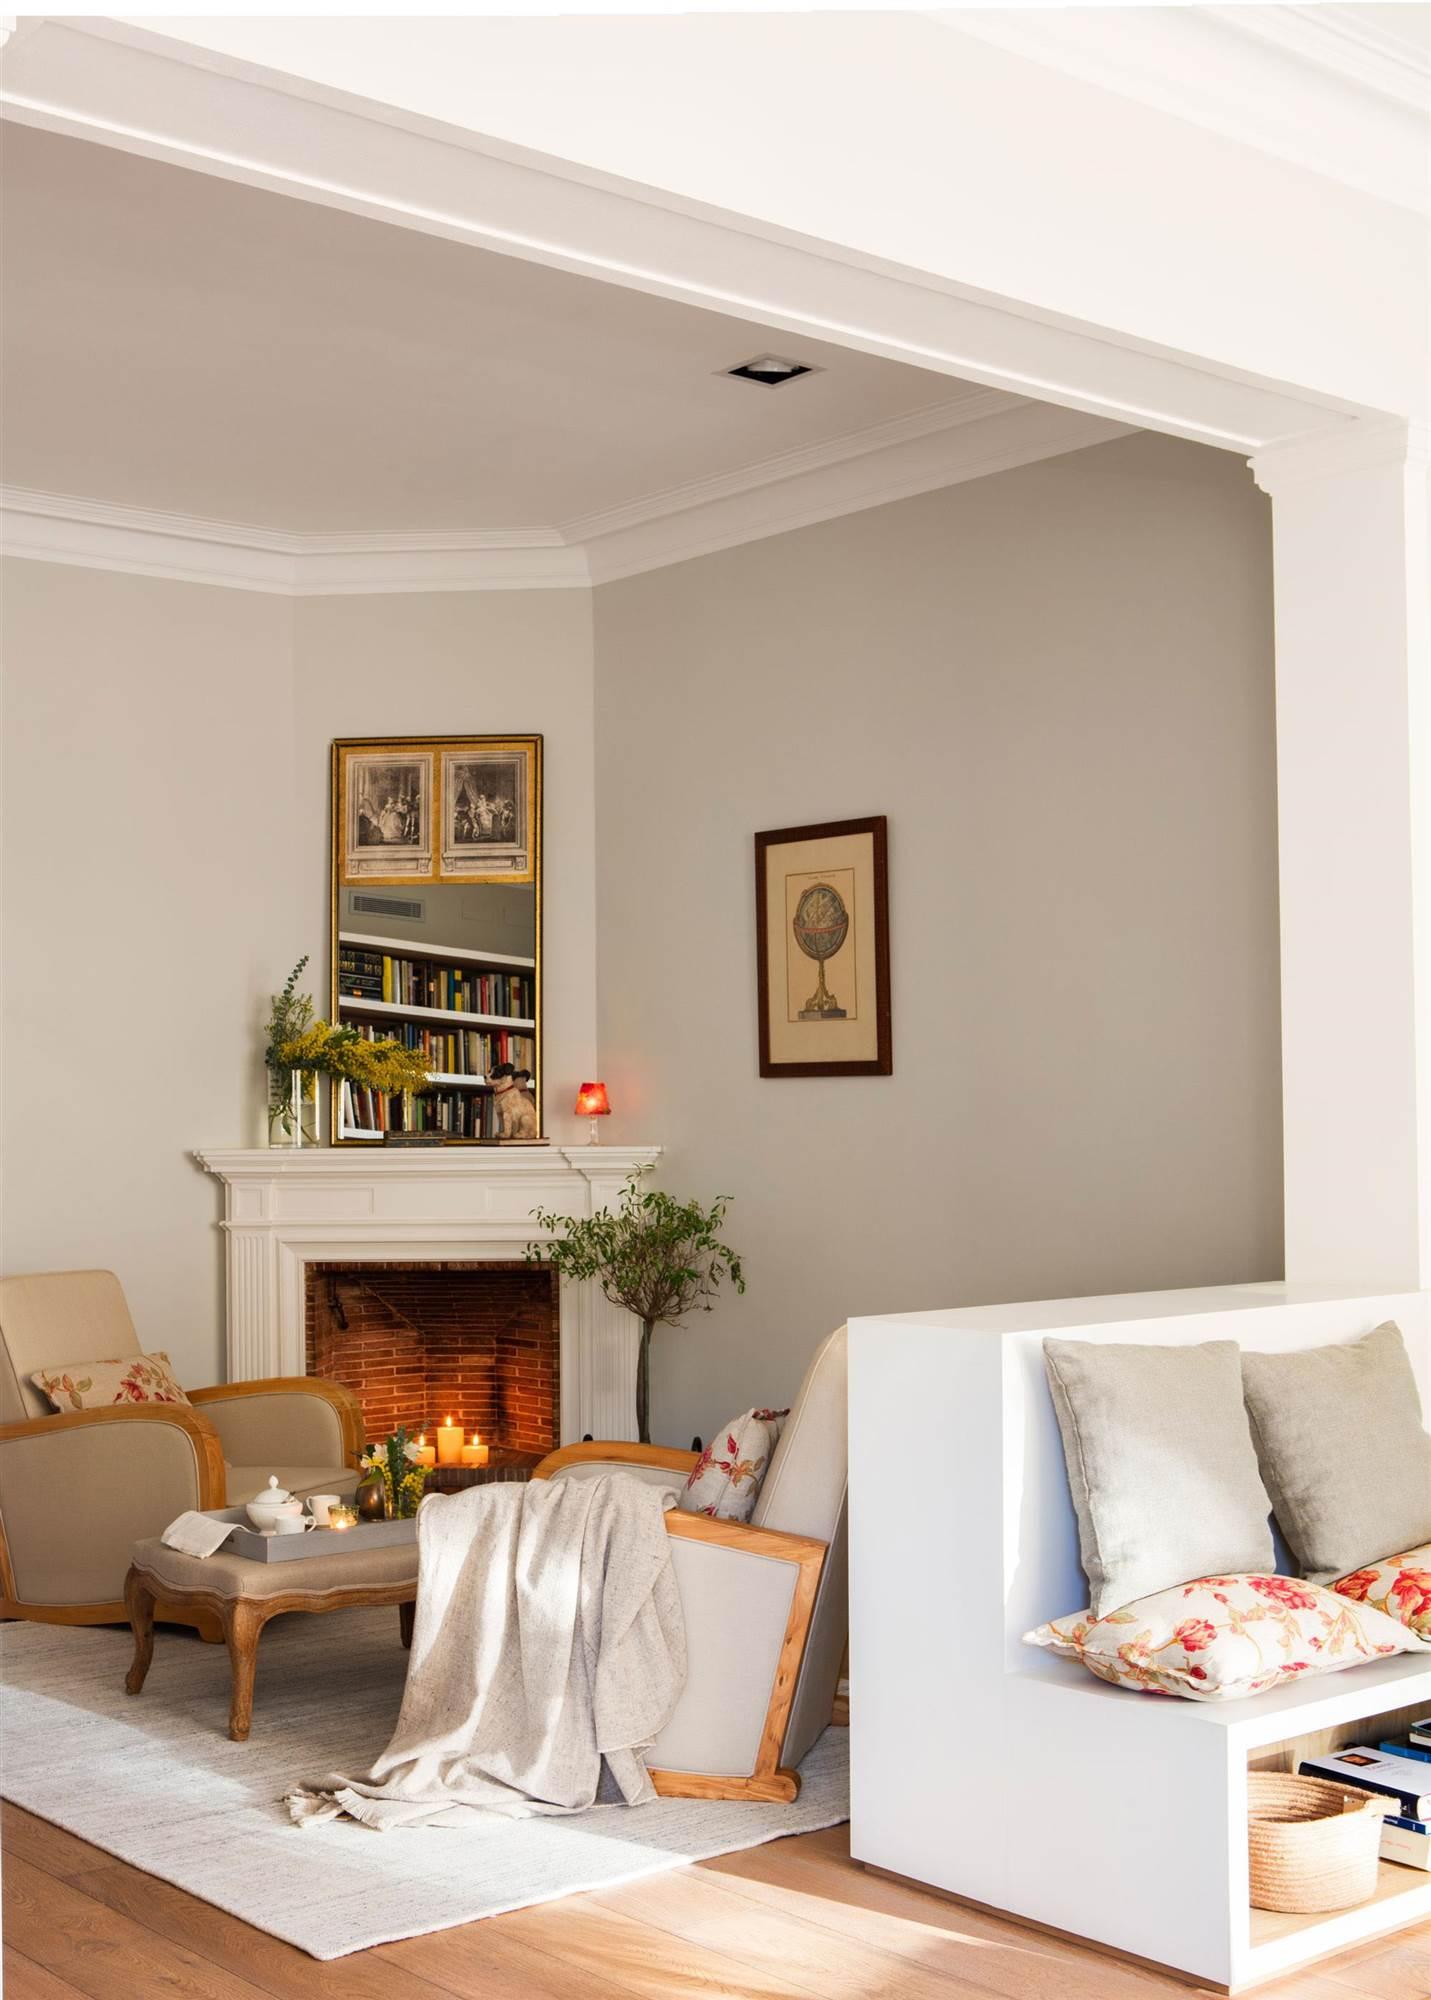 Soluciones decorativas con pintura - Chimeneas para salones ...